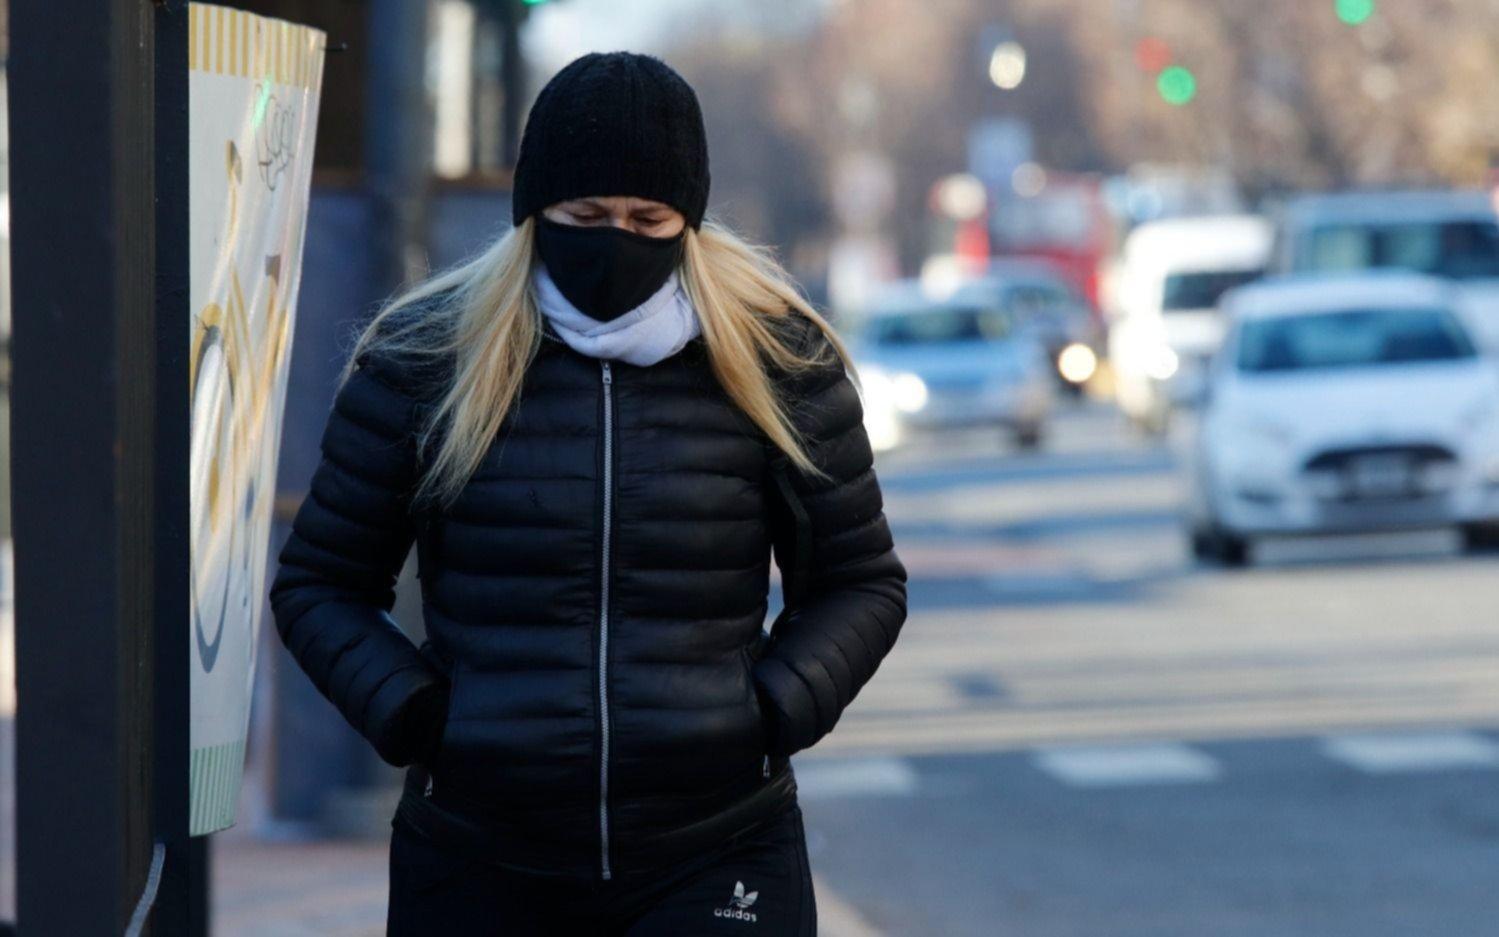 La ola de frío obliga a tomar diversos recaudos y a atender emergencias sociales